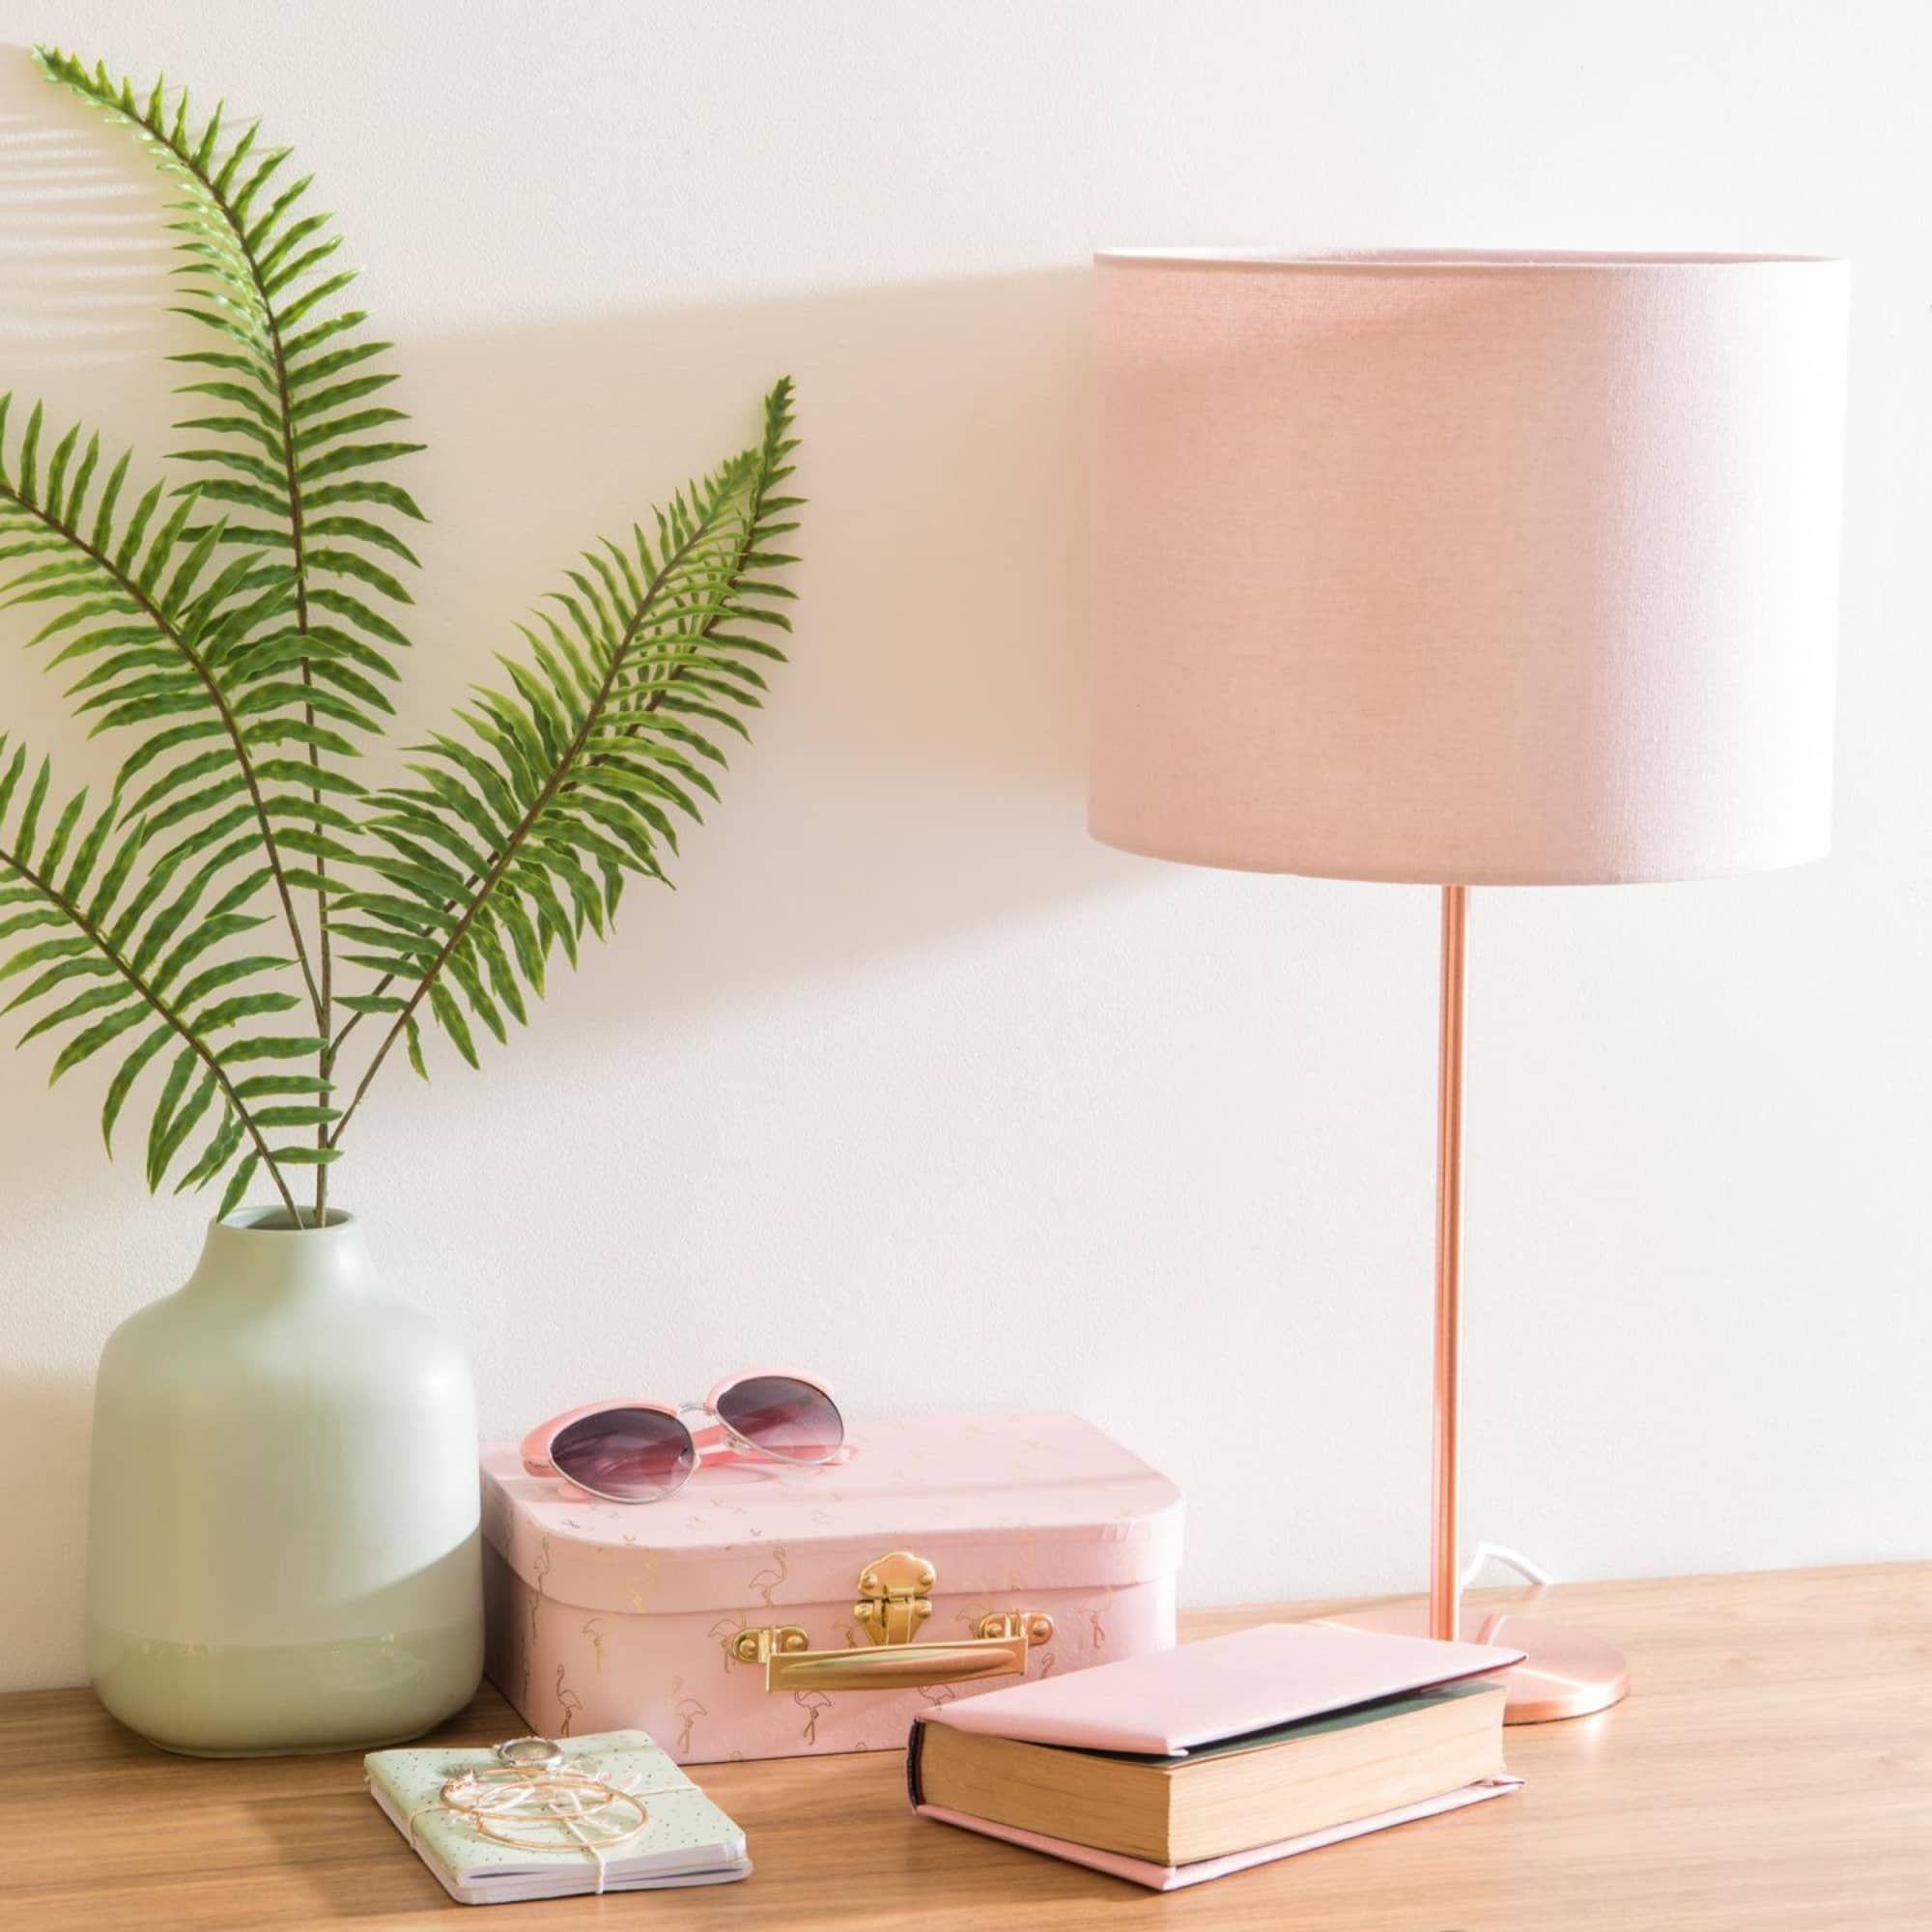 Lampe En Metal Cuivre Abat Jour Rose Maisons Du Monde Deco Rose Abat Jour Lampes De Table